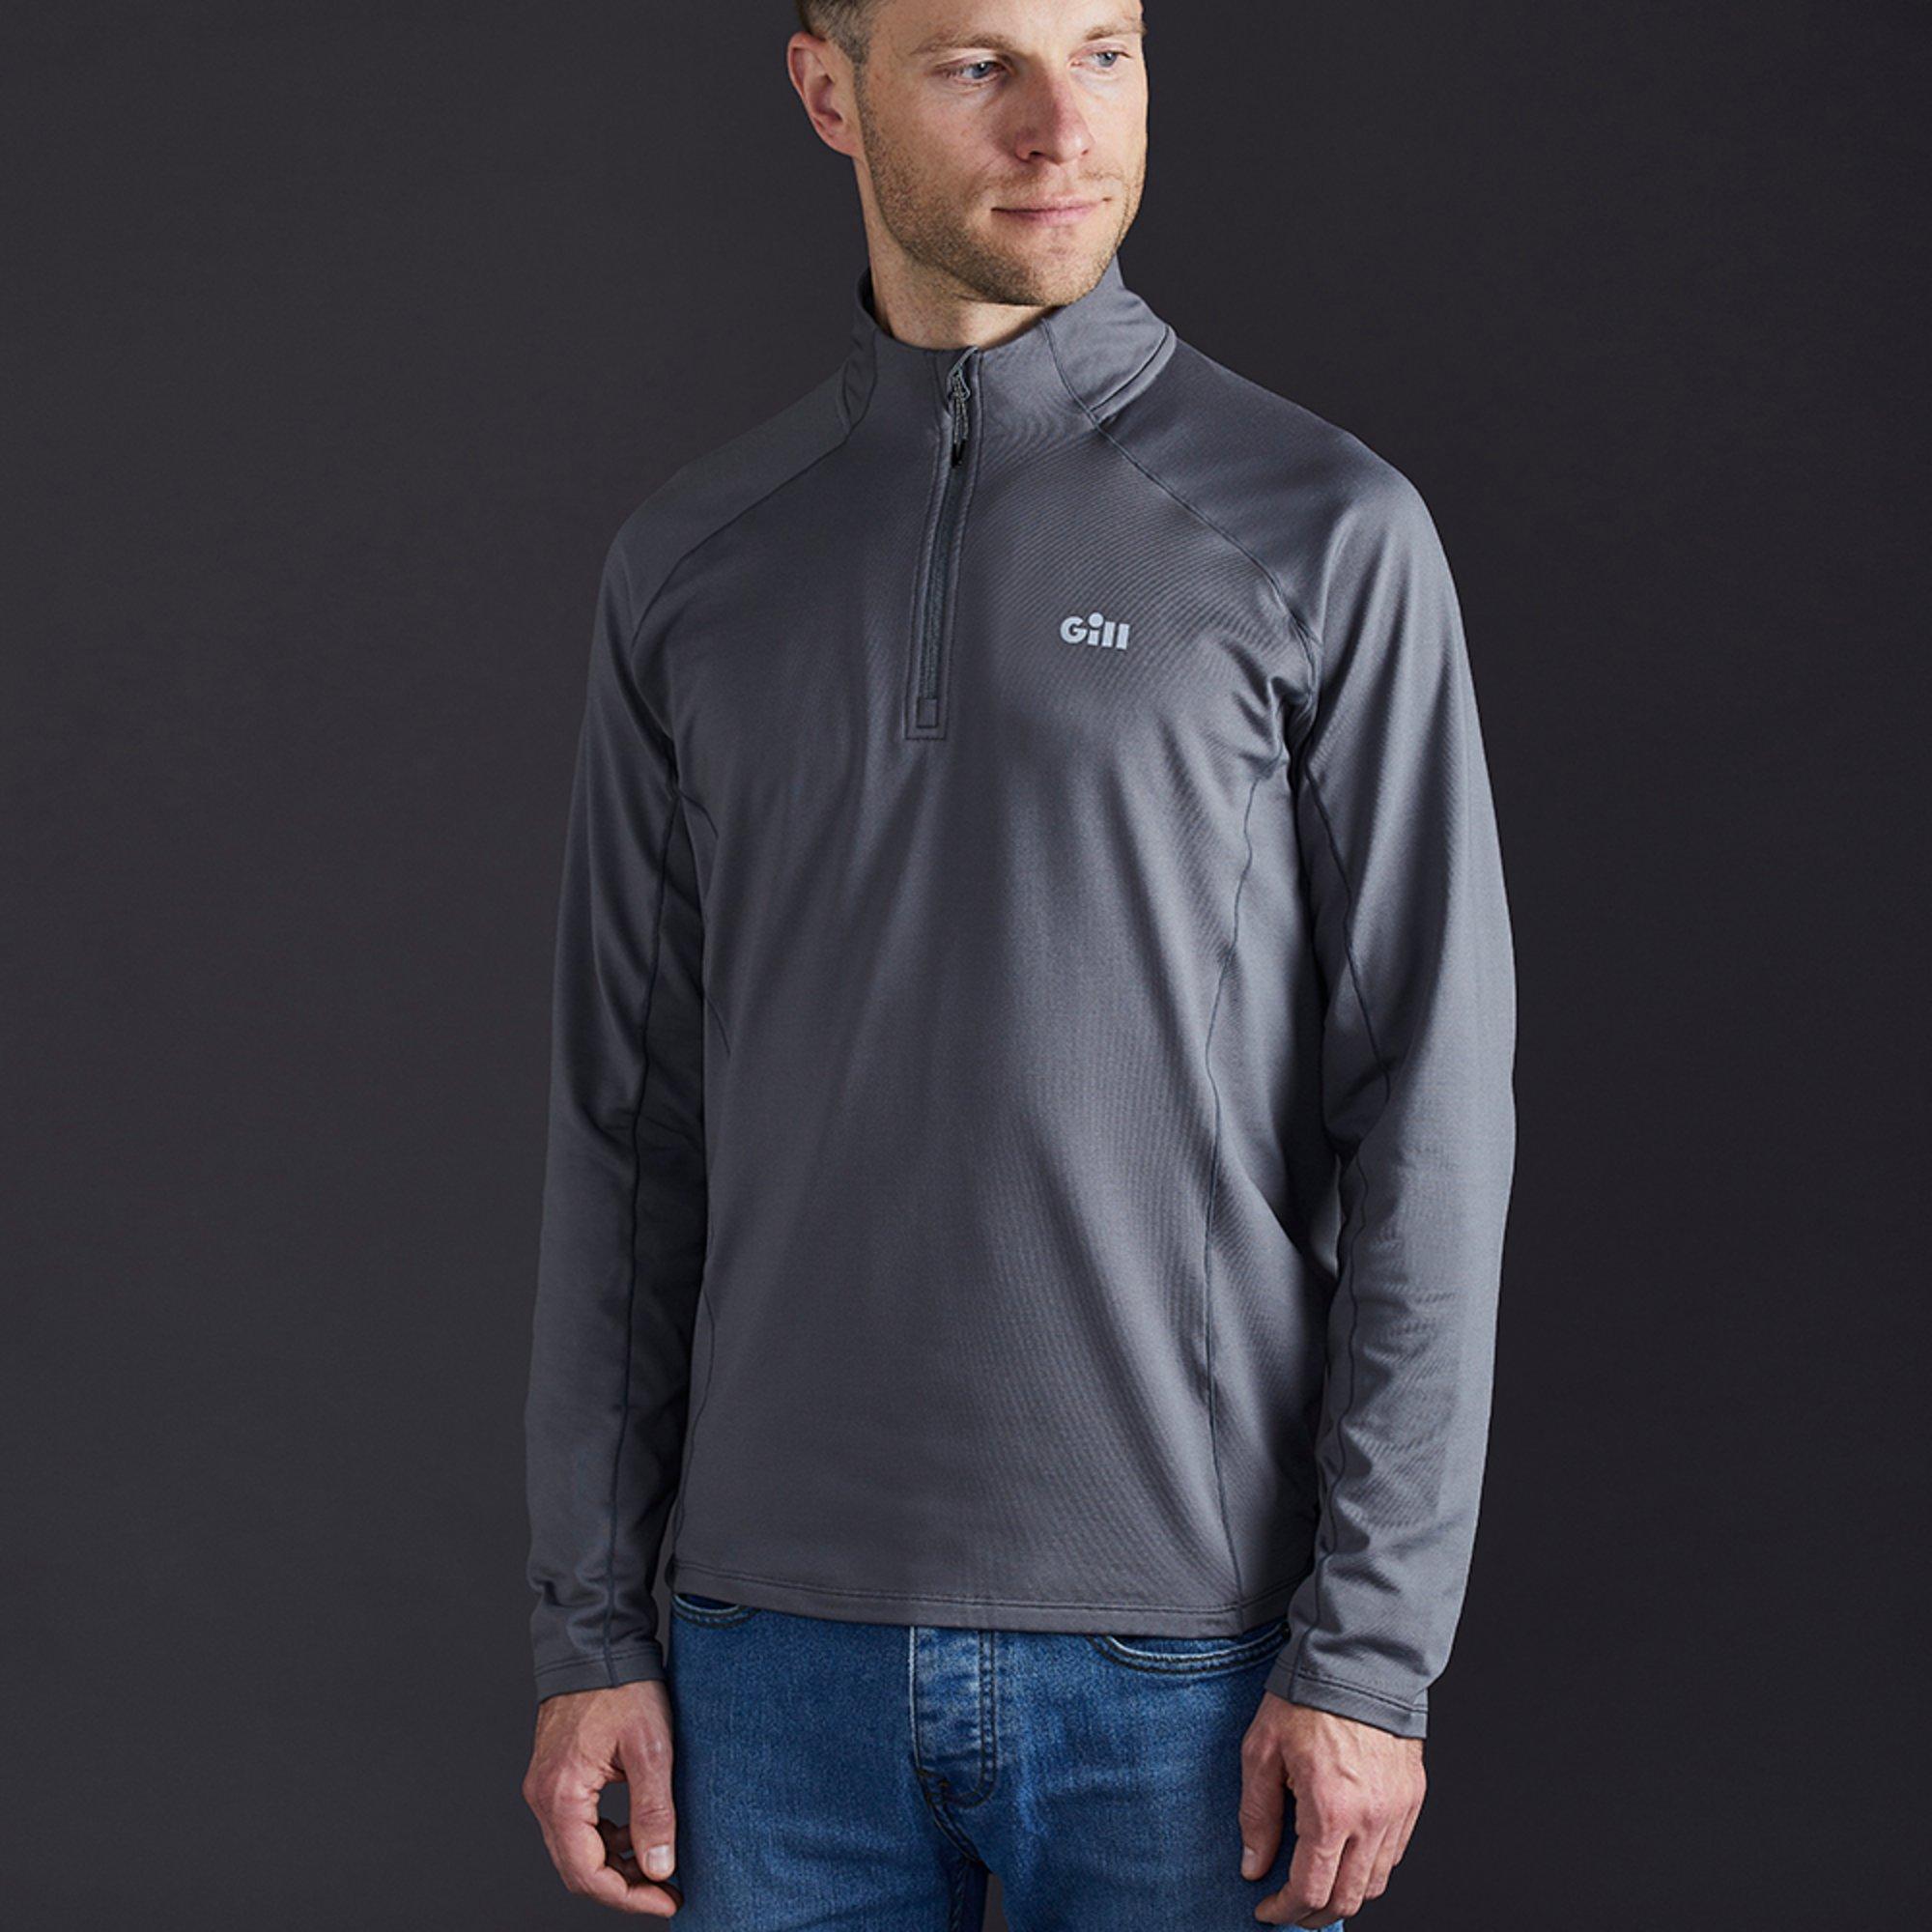 Men's Heybrook Zip Top - 1106-STE01_MODEL.jpg